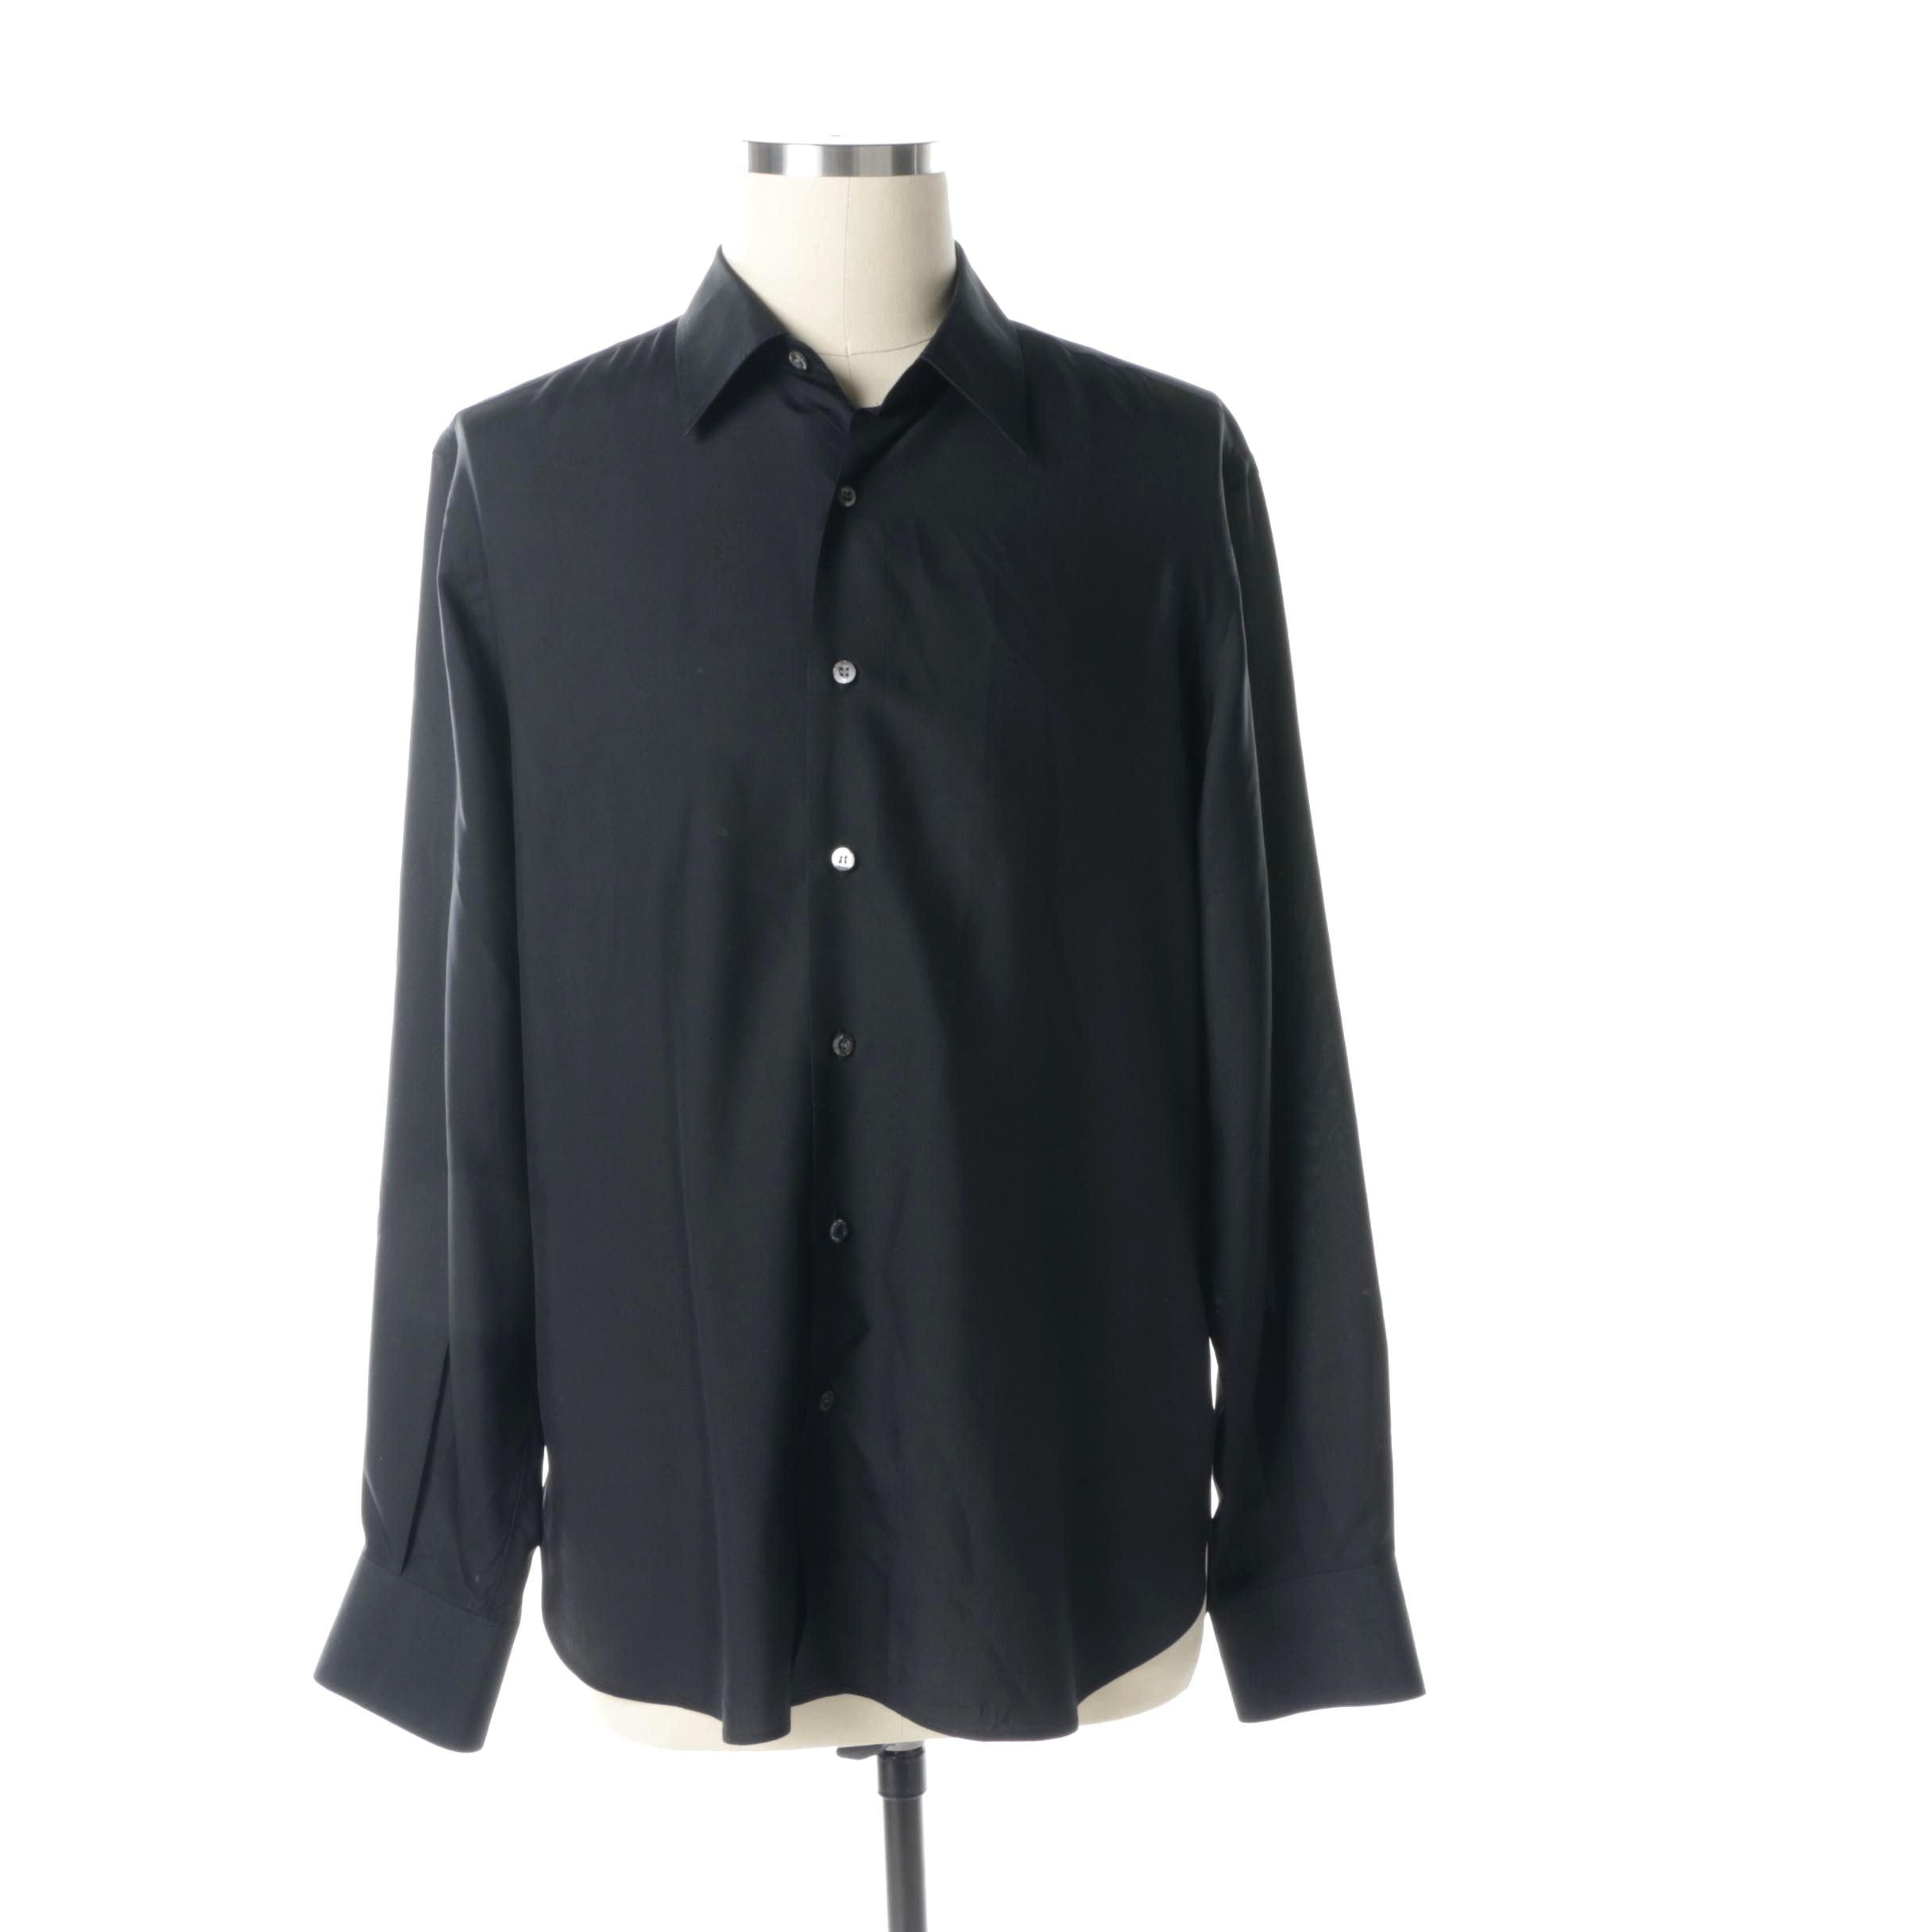 Men's Valentino Black Silk Blend Long Sleeve Button-Up Shirt